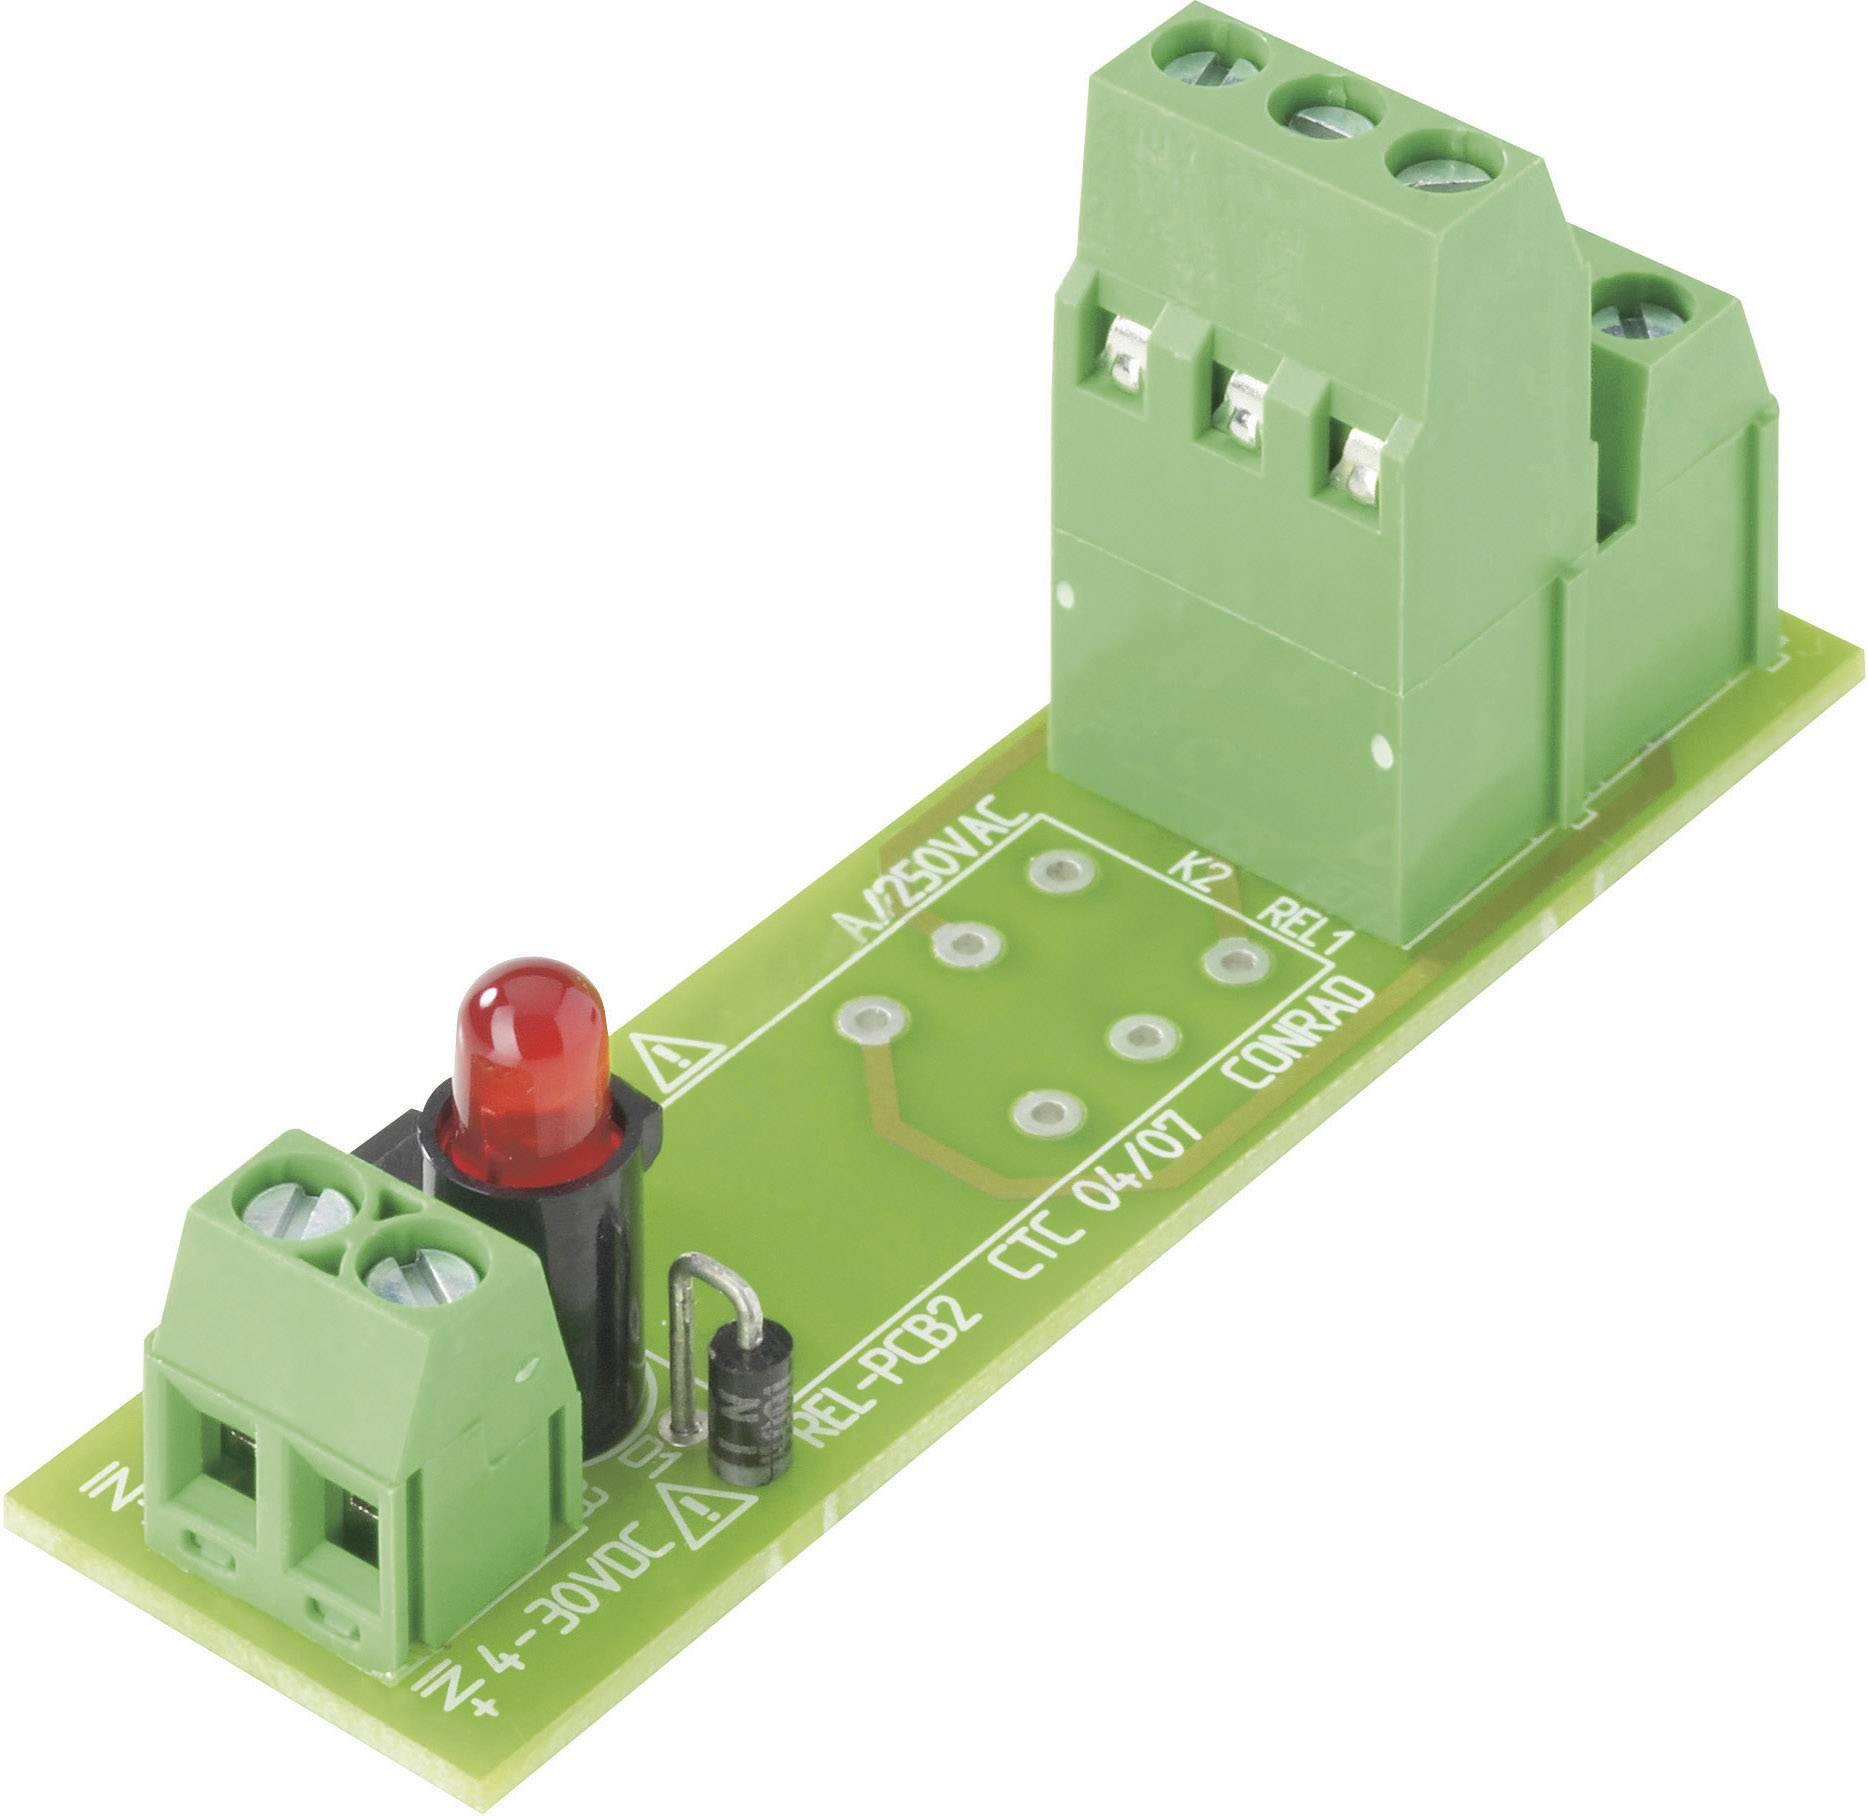 Deska relé REL-PCB2 0, bez relé, 4 - 30 VDC